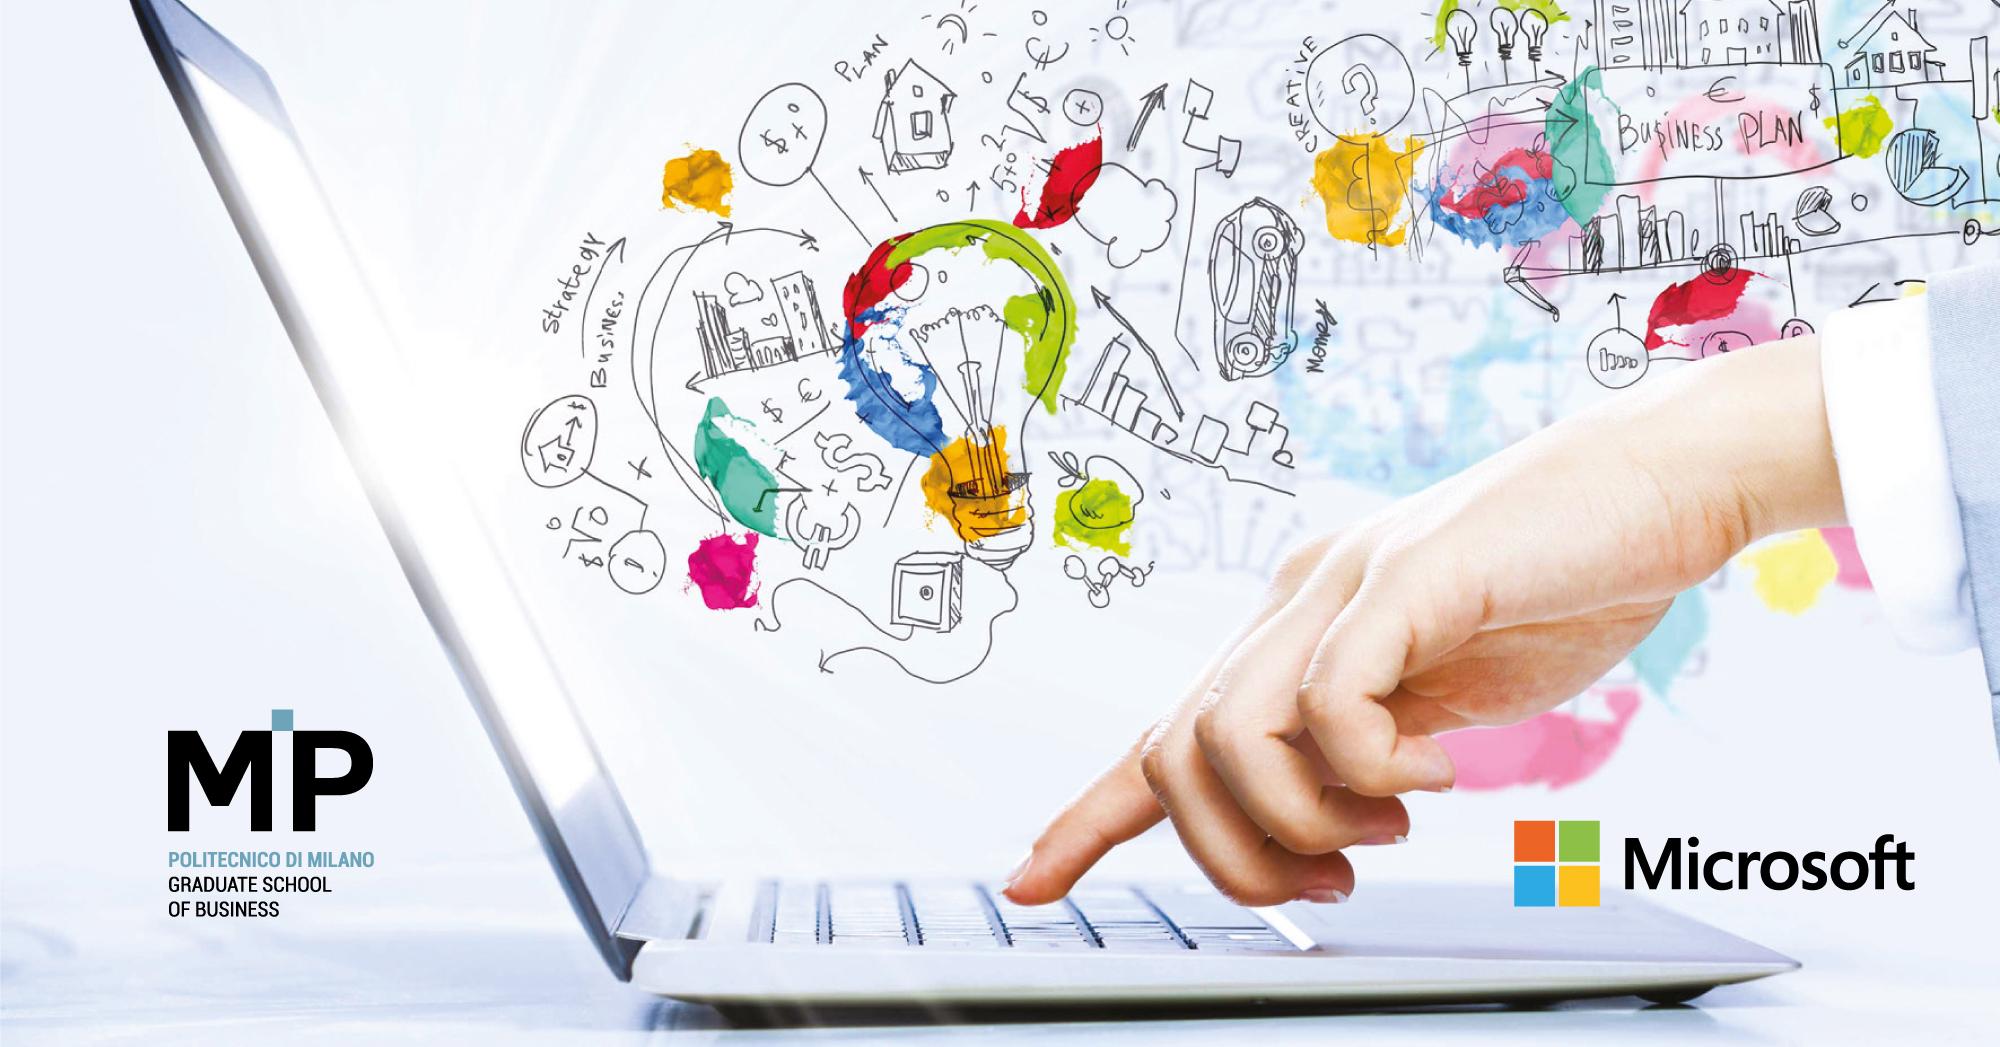 business plan sito Web di incontri online